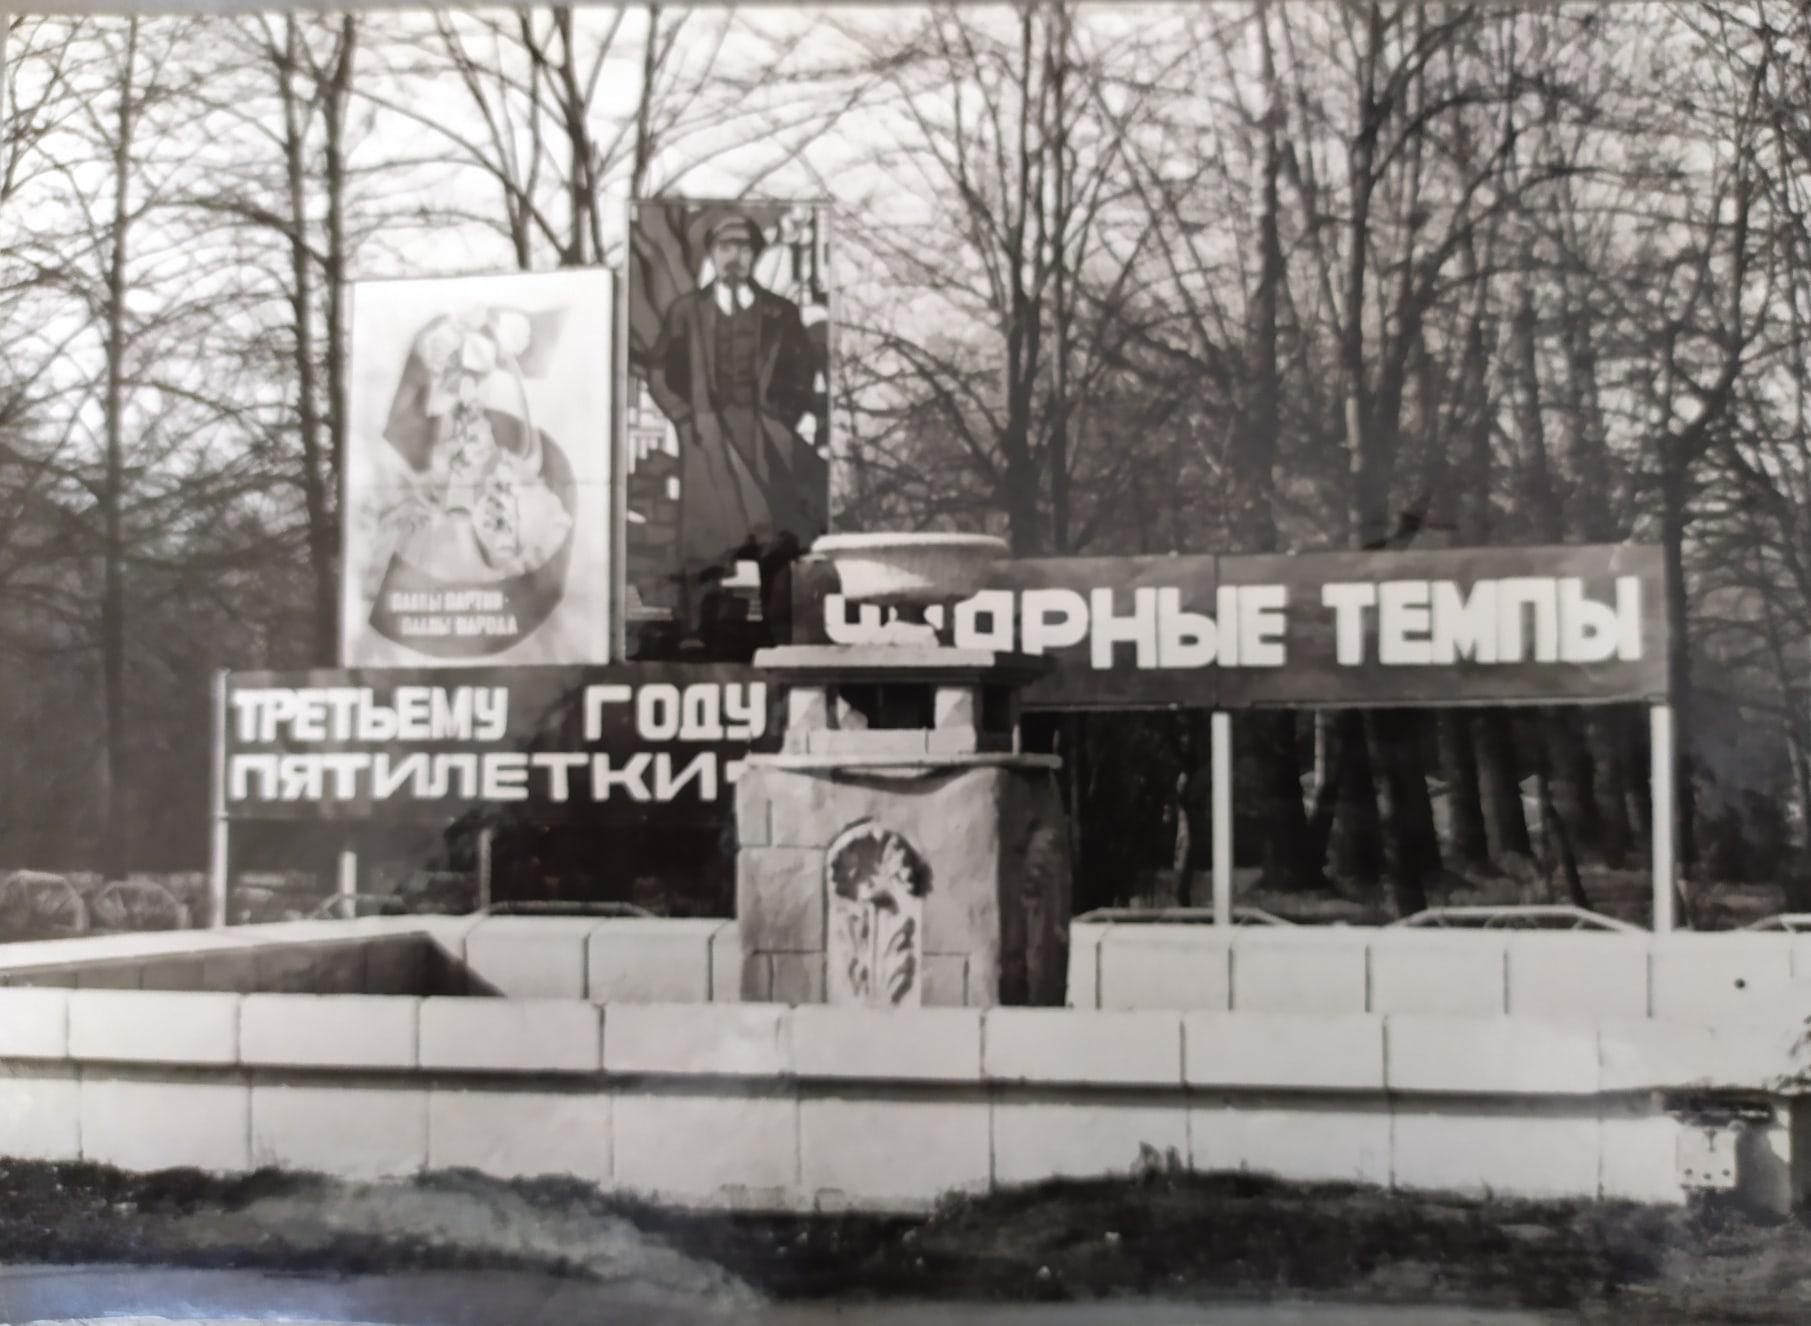 Завод продолжил работать. Как и завещал Ленин, ударными темпами. Советская машина по производству подводных лодок не останавливалась до 1995 года